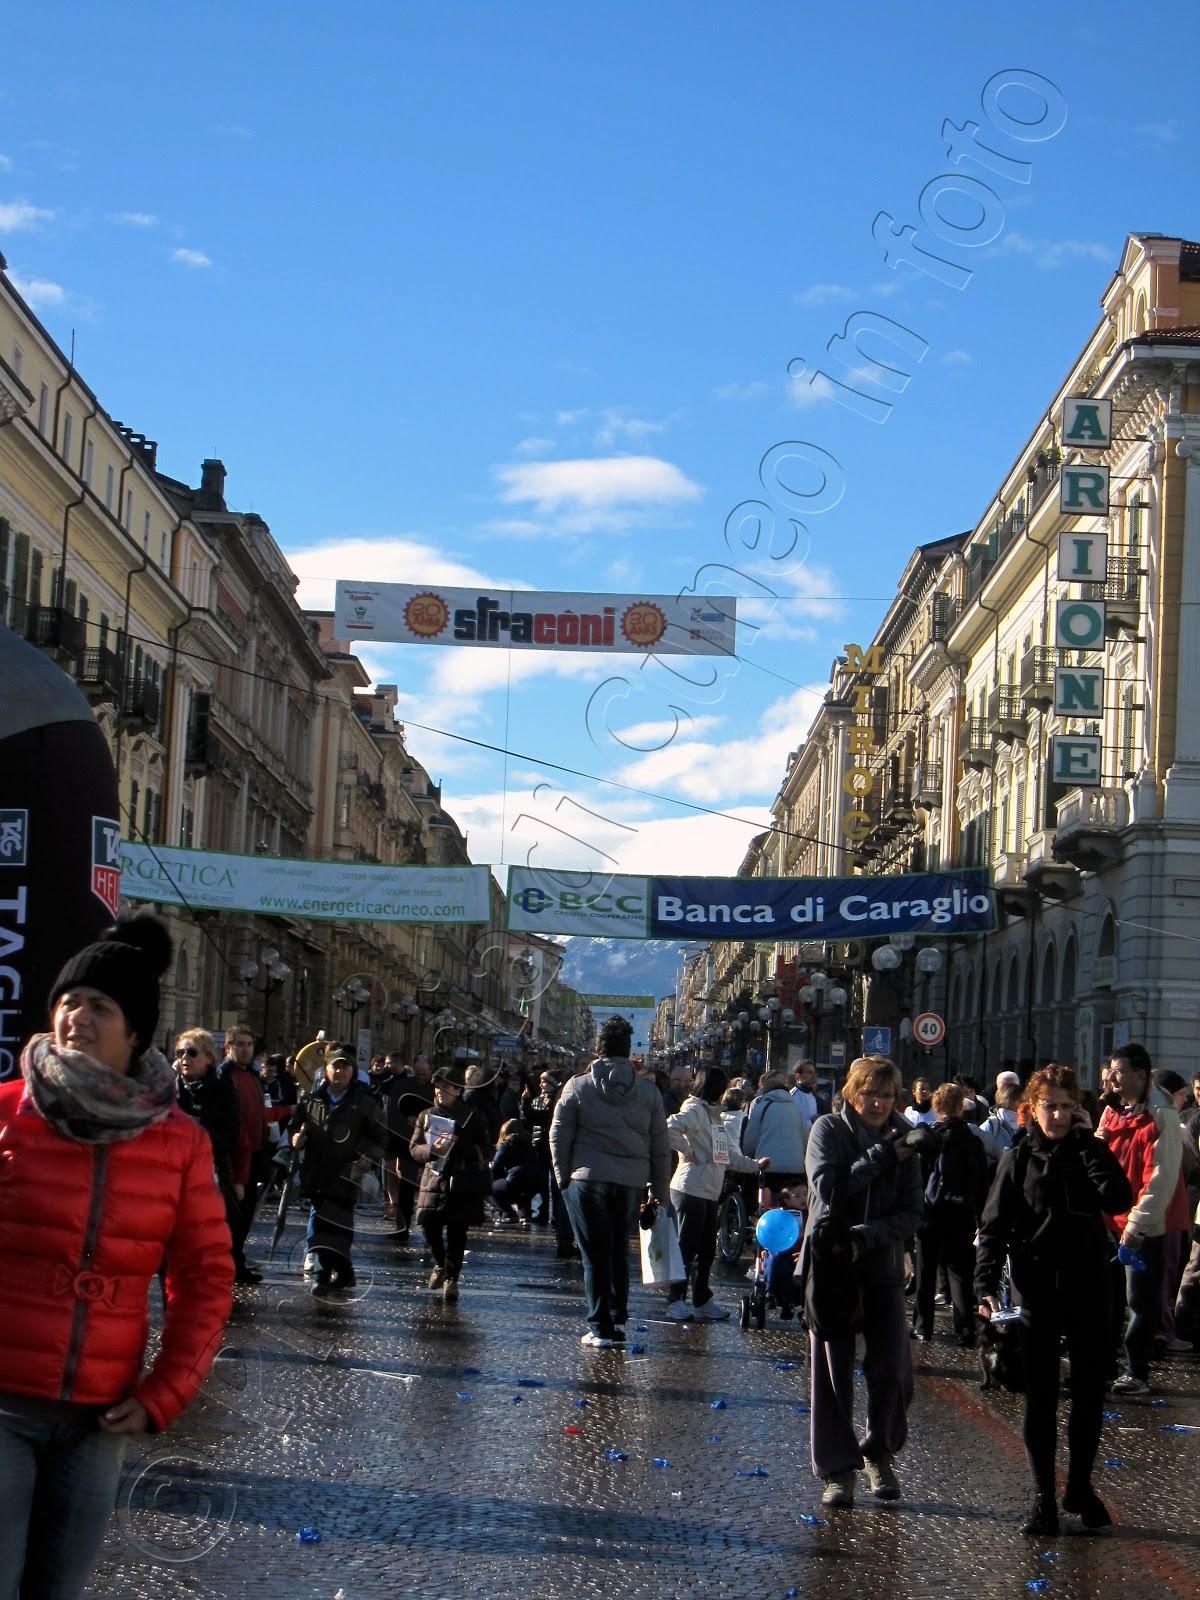 Fotografie Straconi 2012 - Cuneo